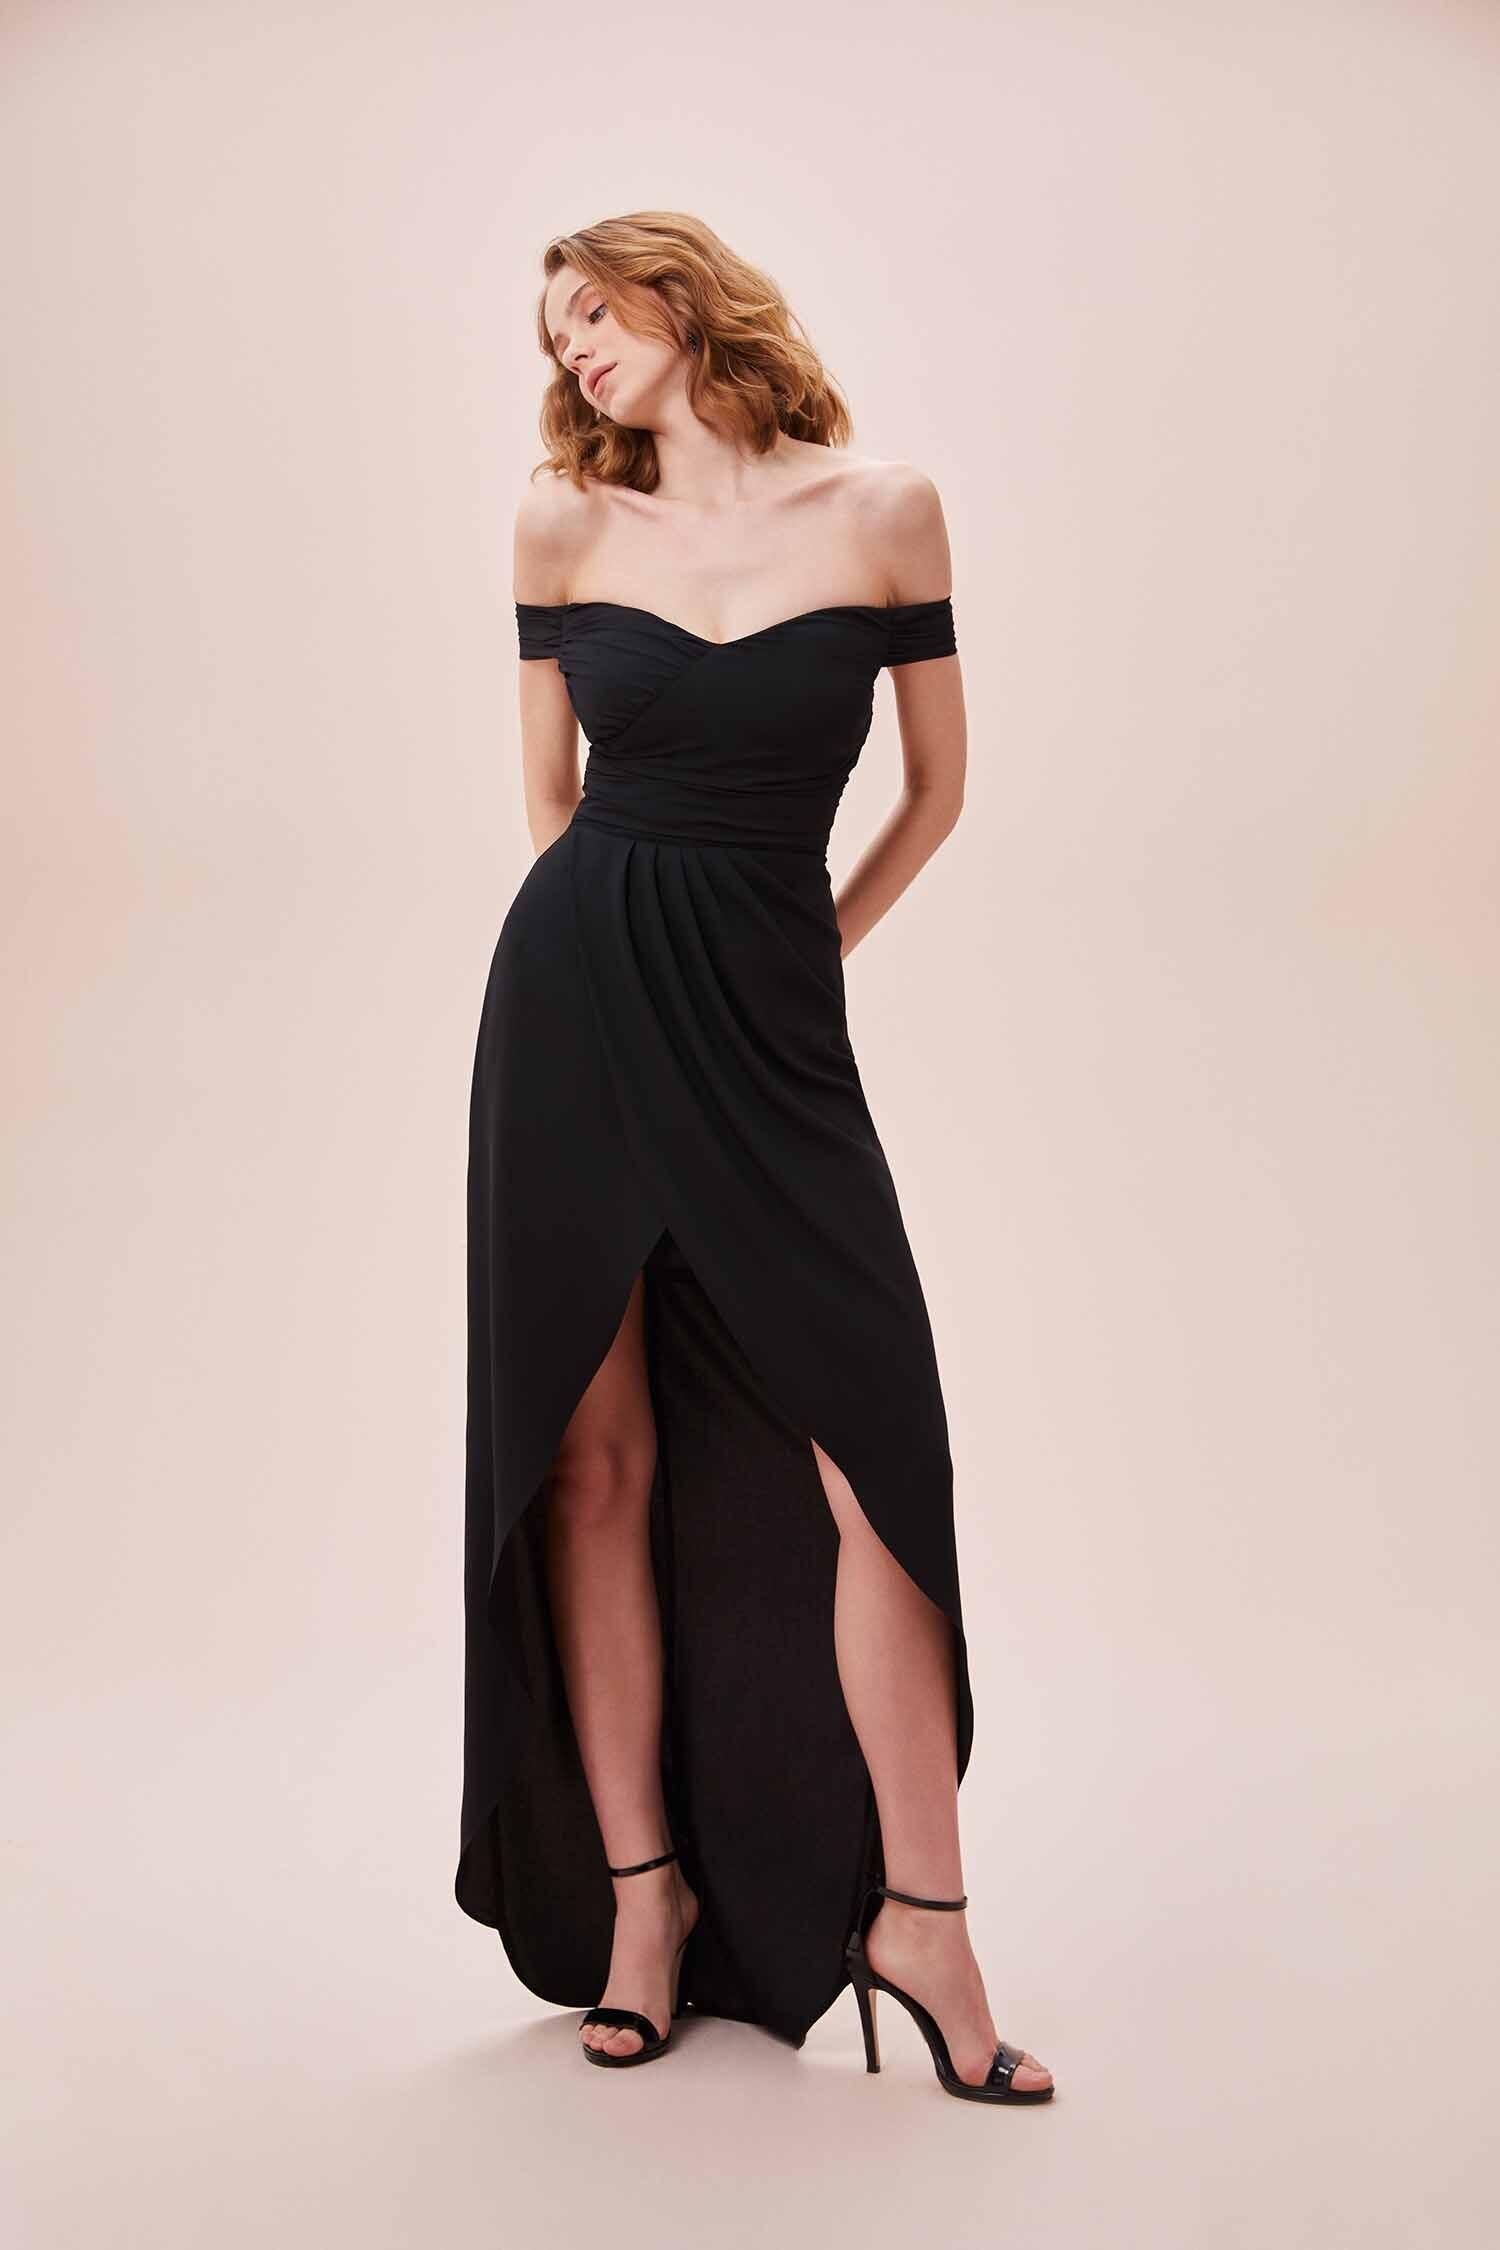 Siyah Düşük Omuzlu Yırtmaçlı Uzun Şifon Elbise - Thumbnail